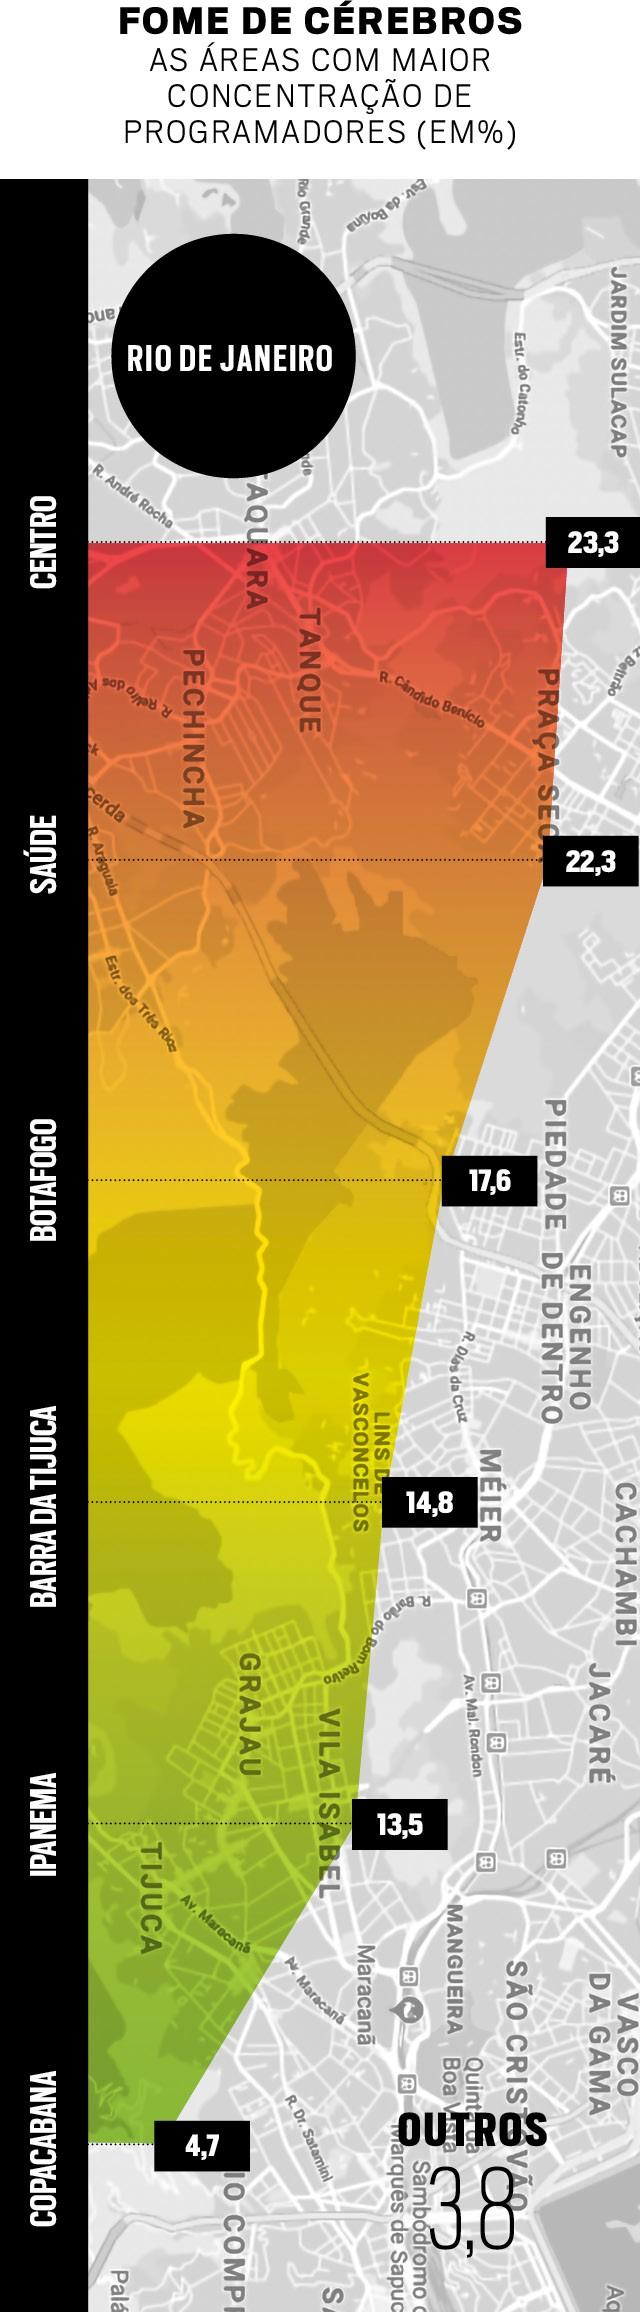 Levantamento mostra as regiões de Rio de Janeiro e Belo Horizonte com mais atividade tecnológica. As áreas com maior concentração de programadores (em%) (Foto:  )